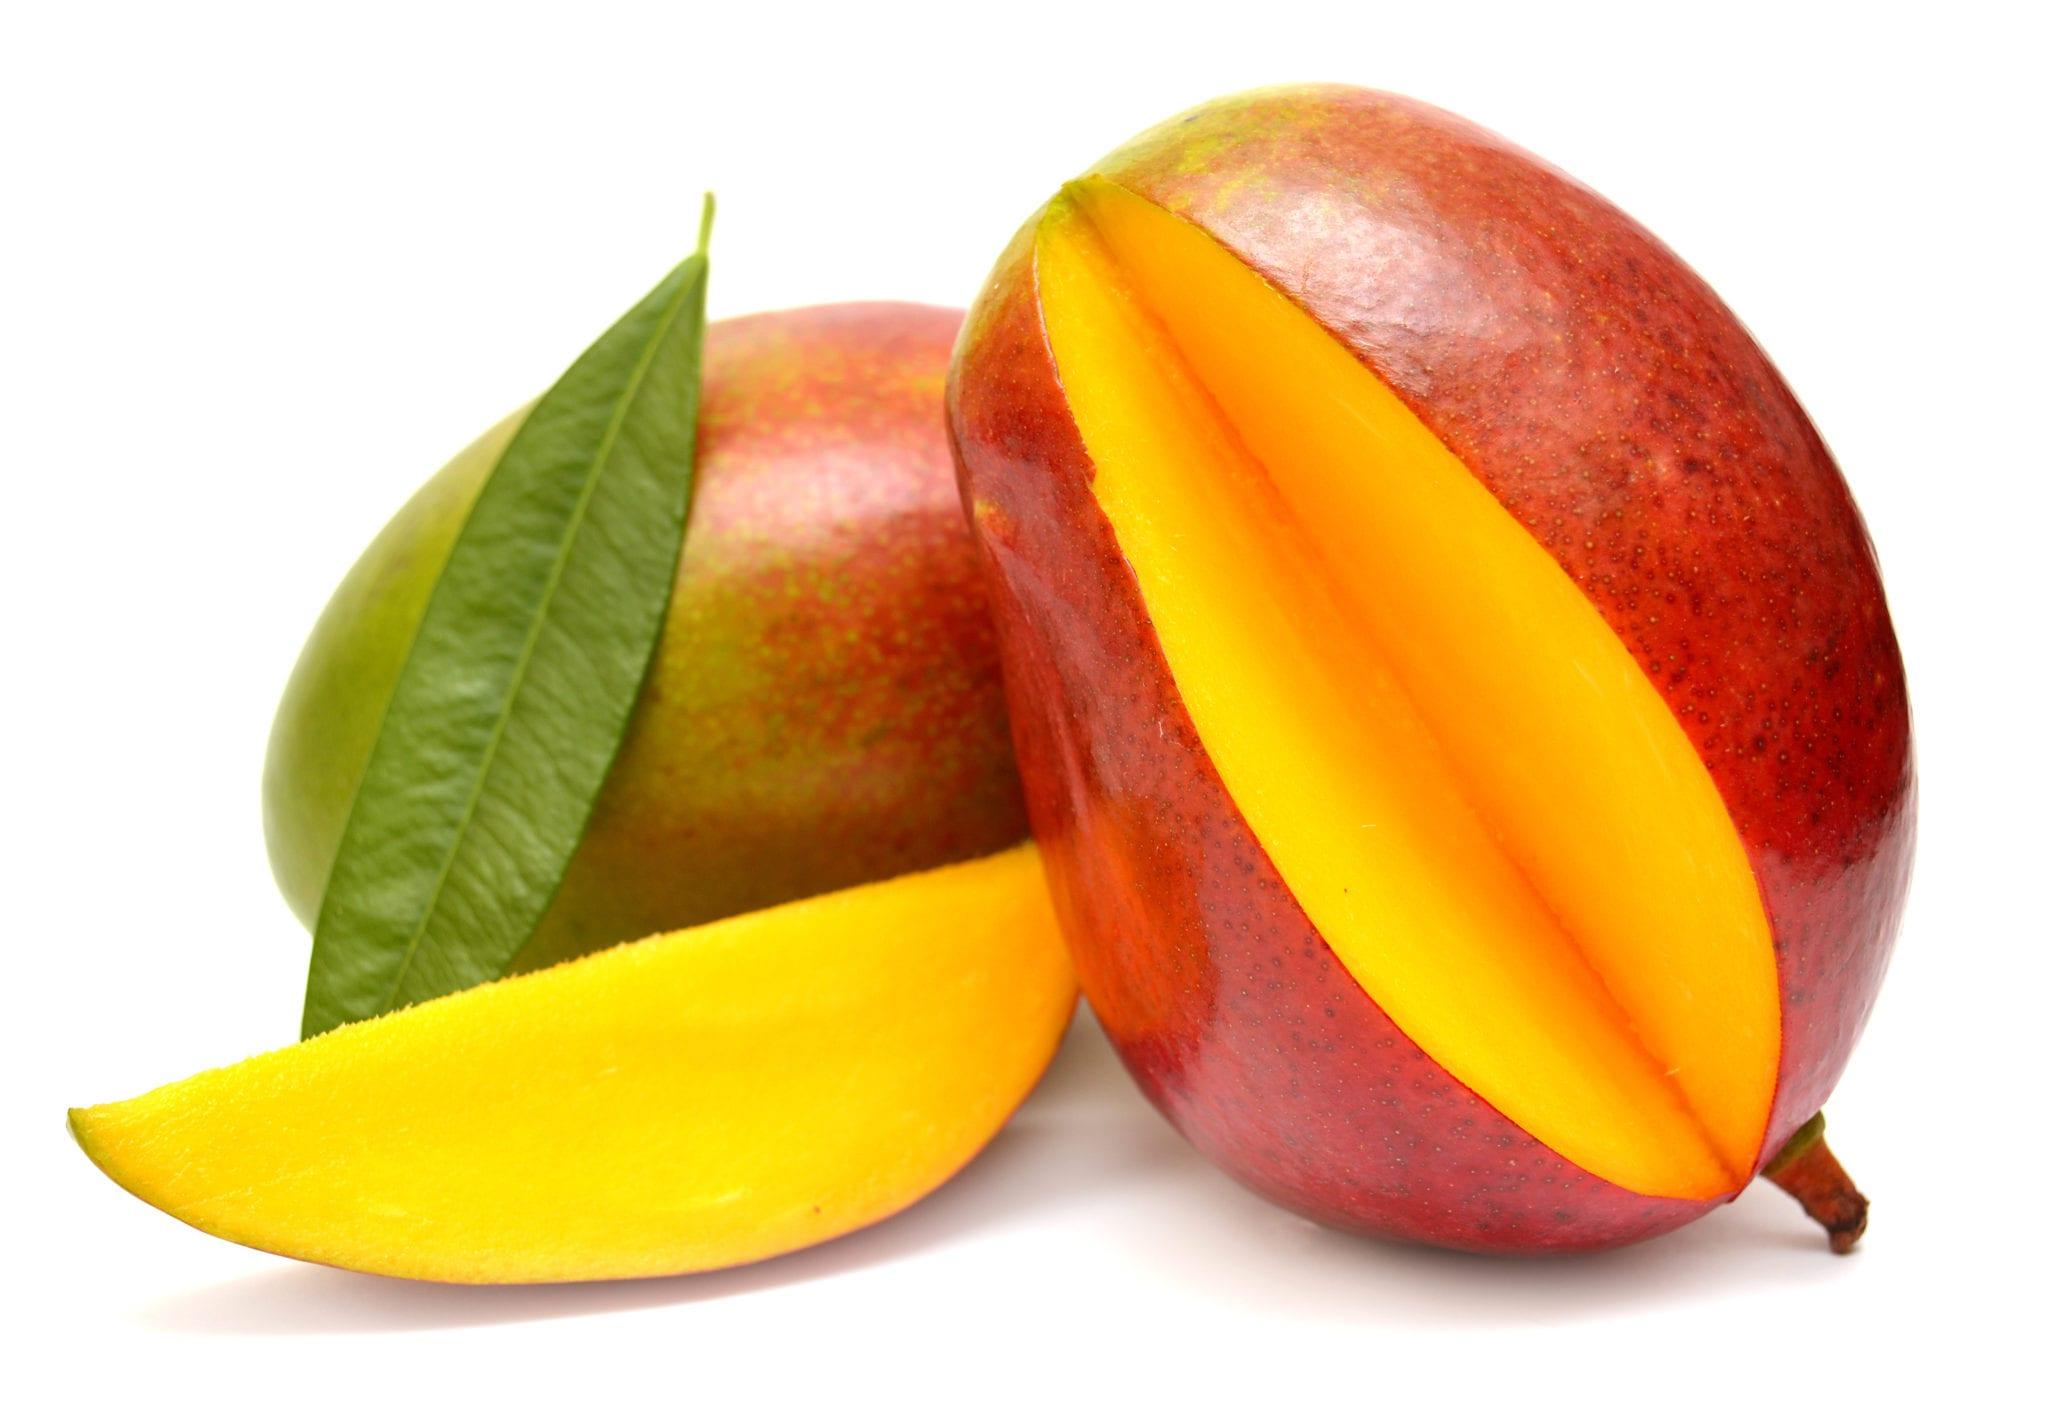 Mango fair ends this Sunday in Rio Hato